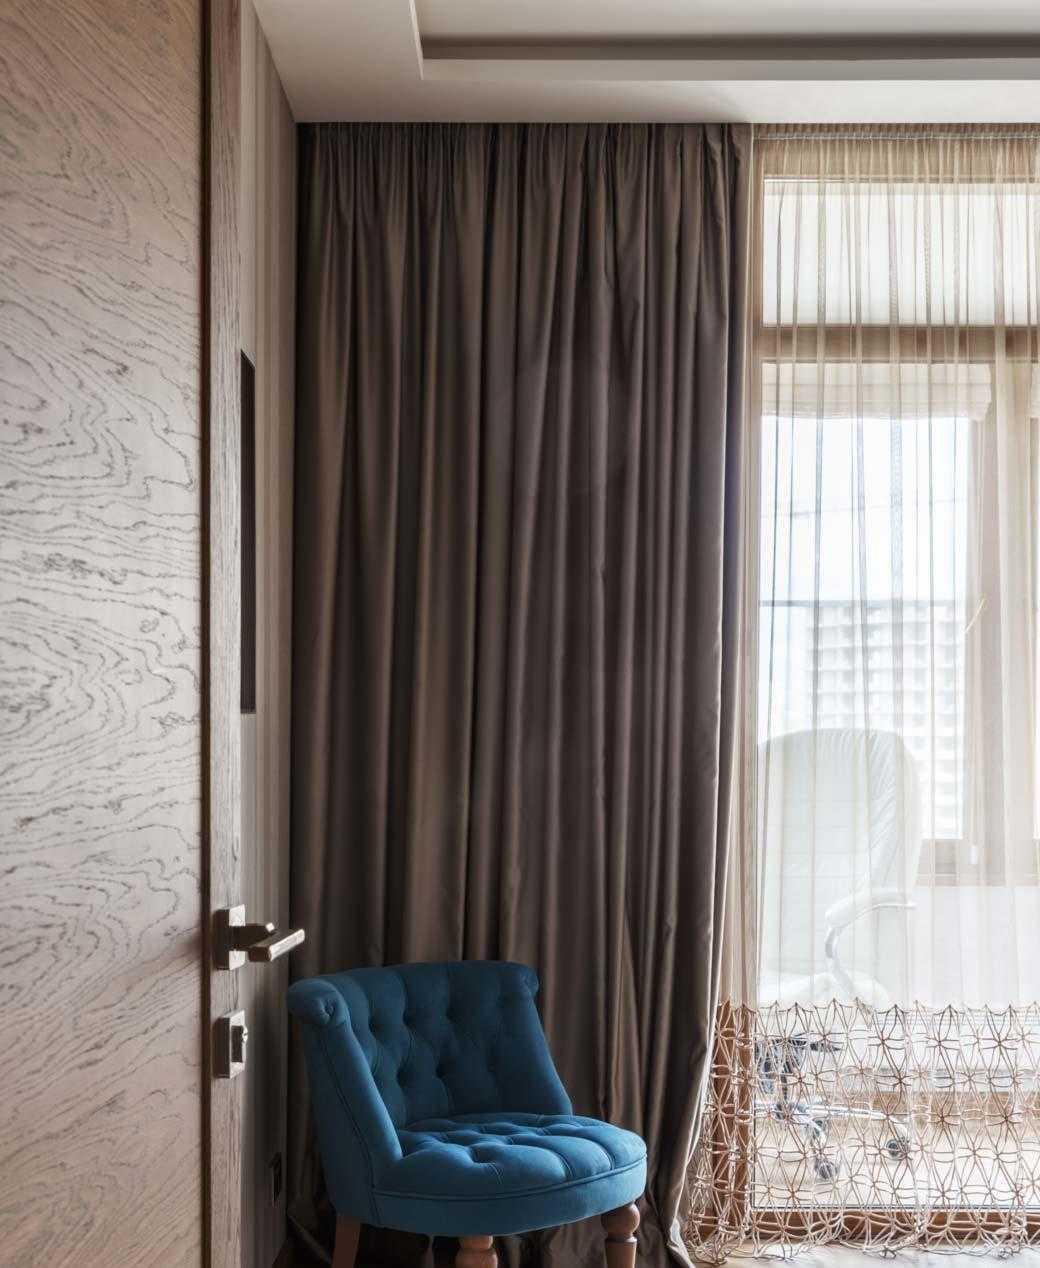 Какой цвет штор подойдет к серым обоям: серые шторы в интерьере гостиной